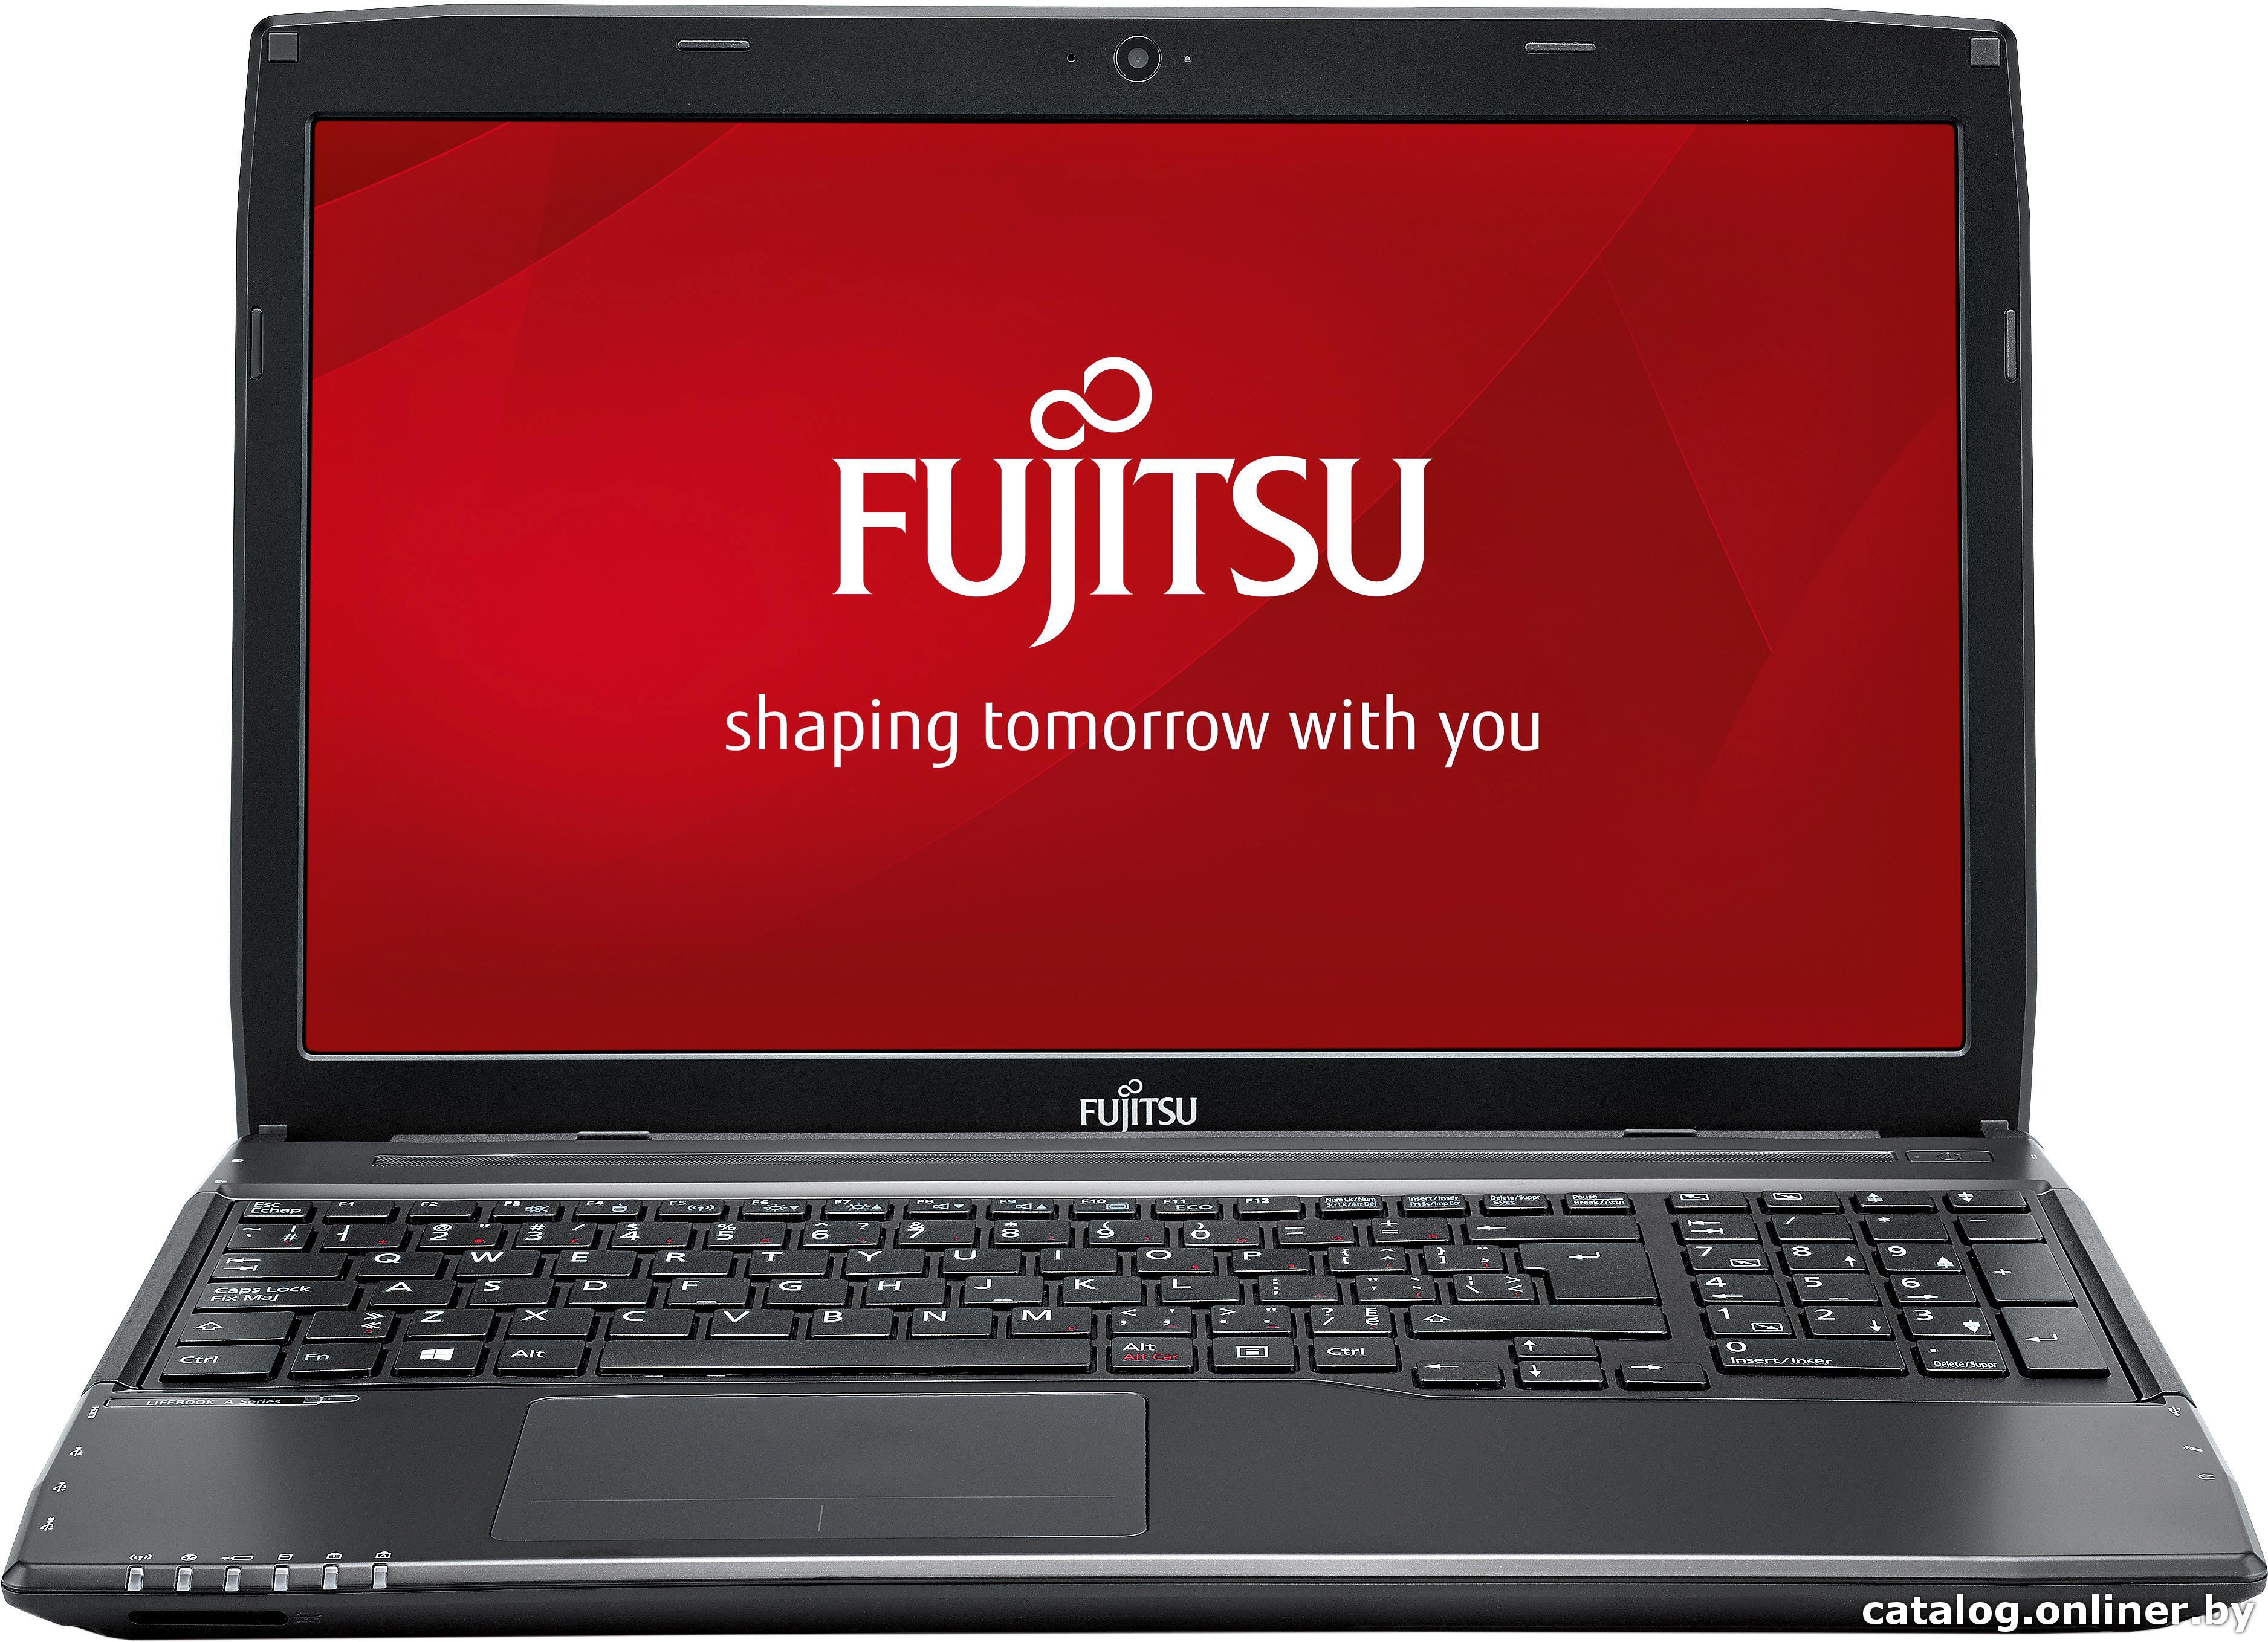 ноутбук fujitsu lifebook ah512 драйверы скачать